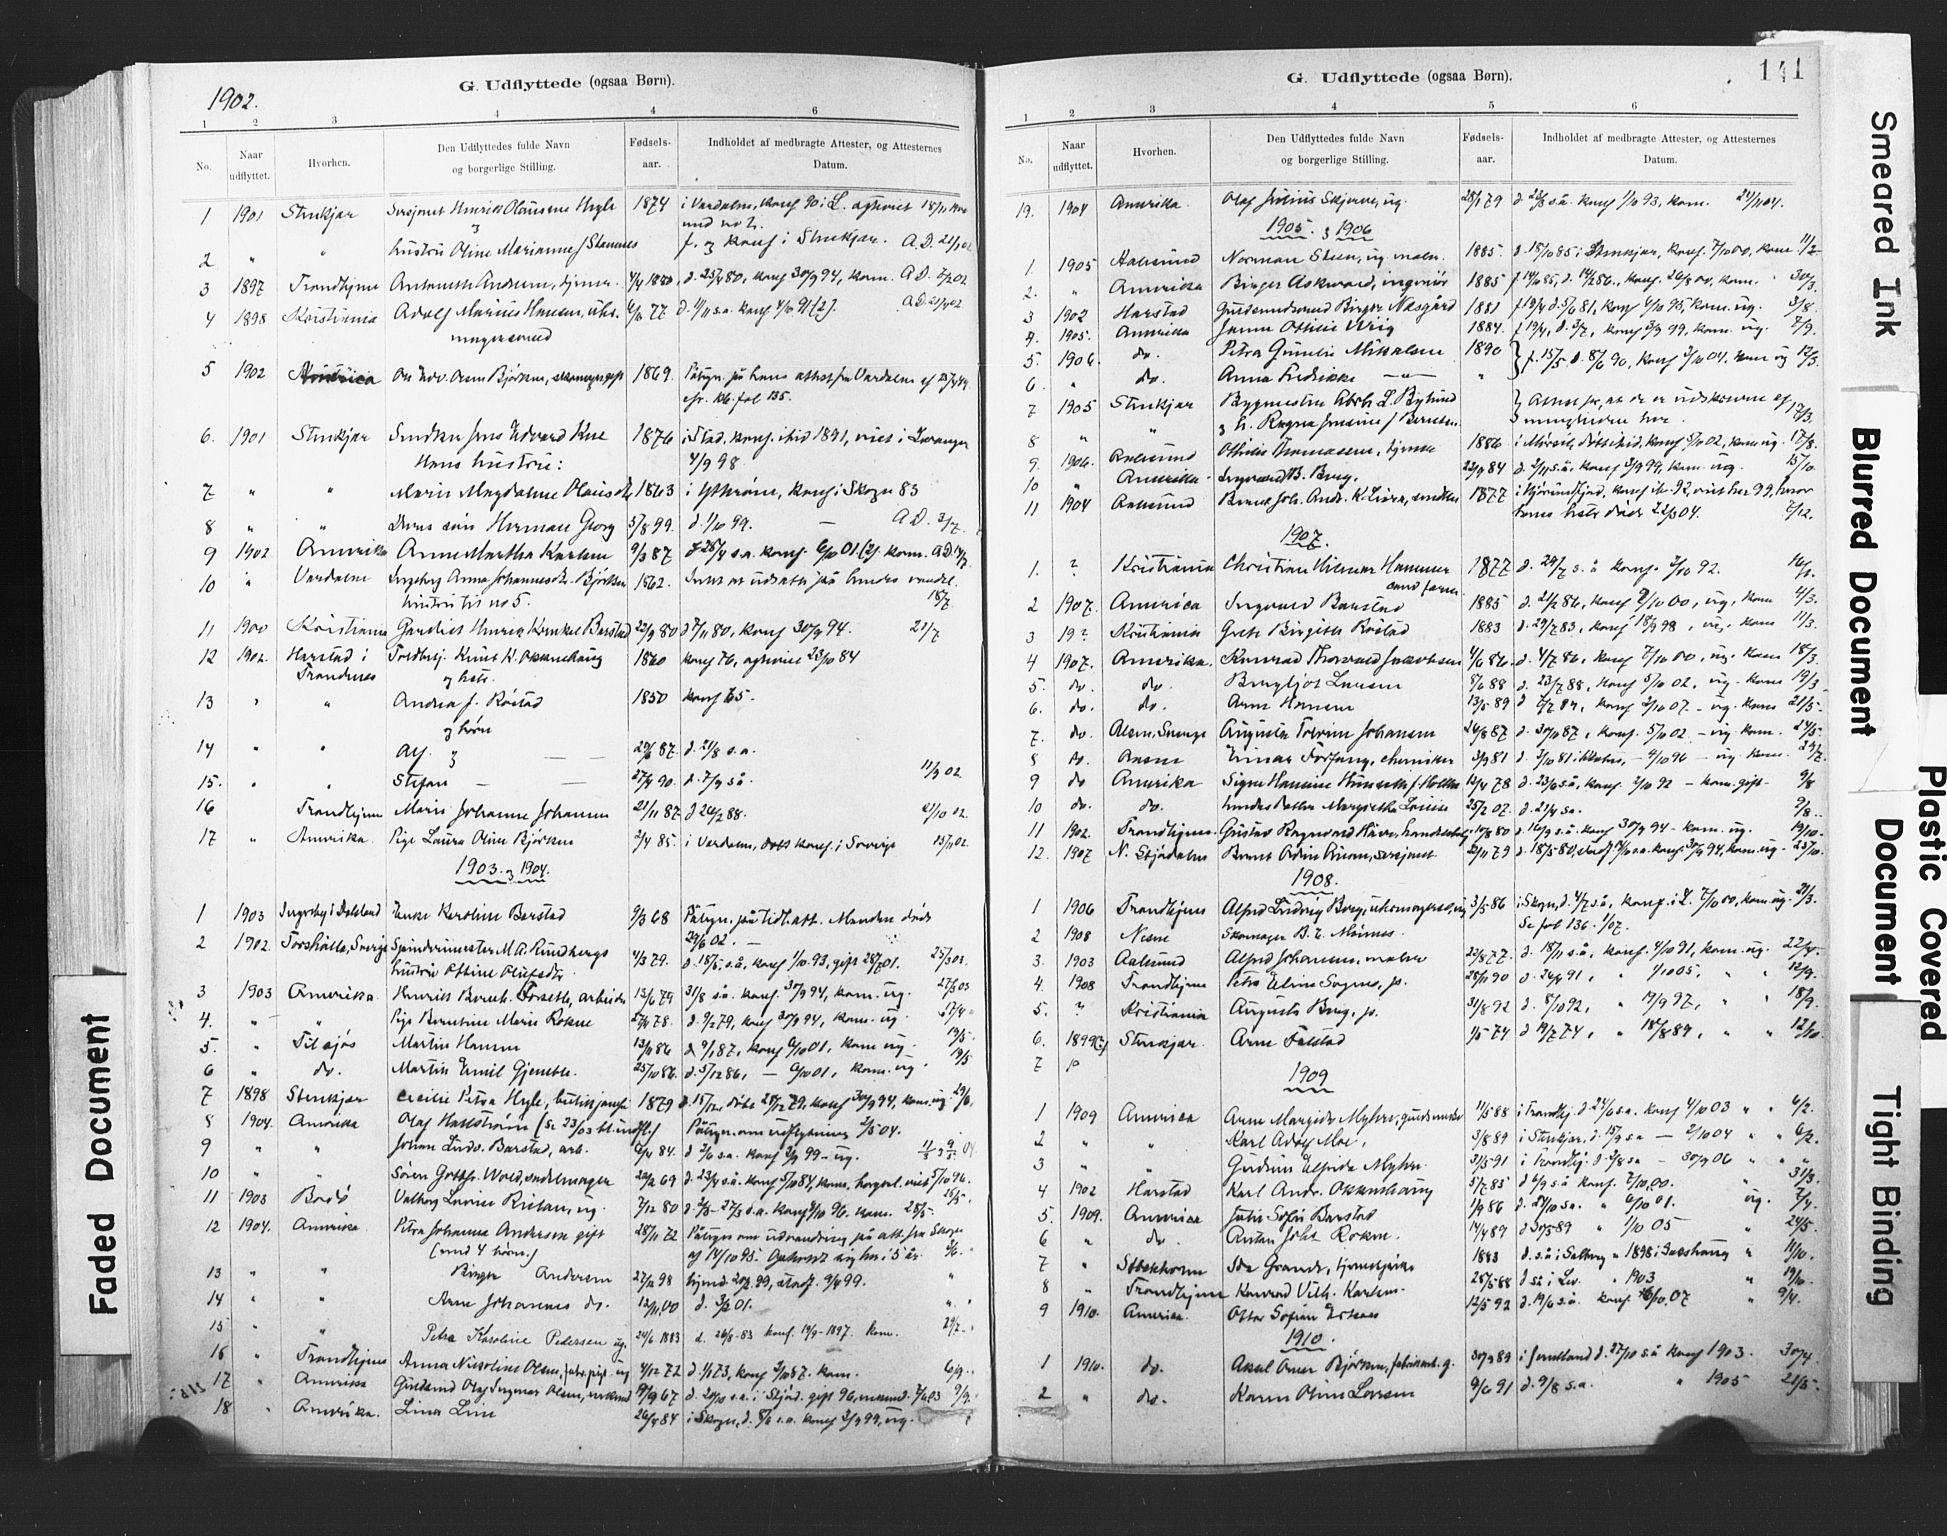 SAT, Ministerialprotokoller, klokkerbøker og fødselsregistre - Nord-Trøndelag, 720/L0189: Ministerialbok nr. 720A05, 1880-1911, s. 141